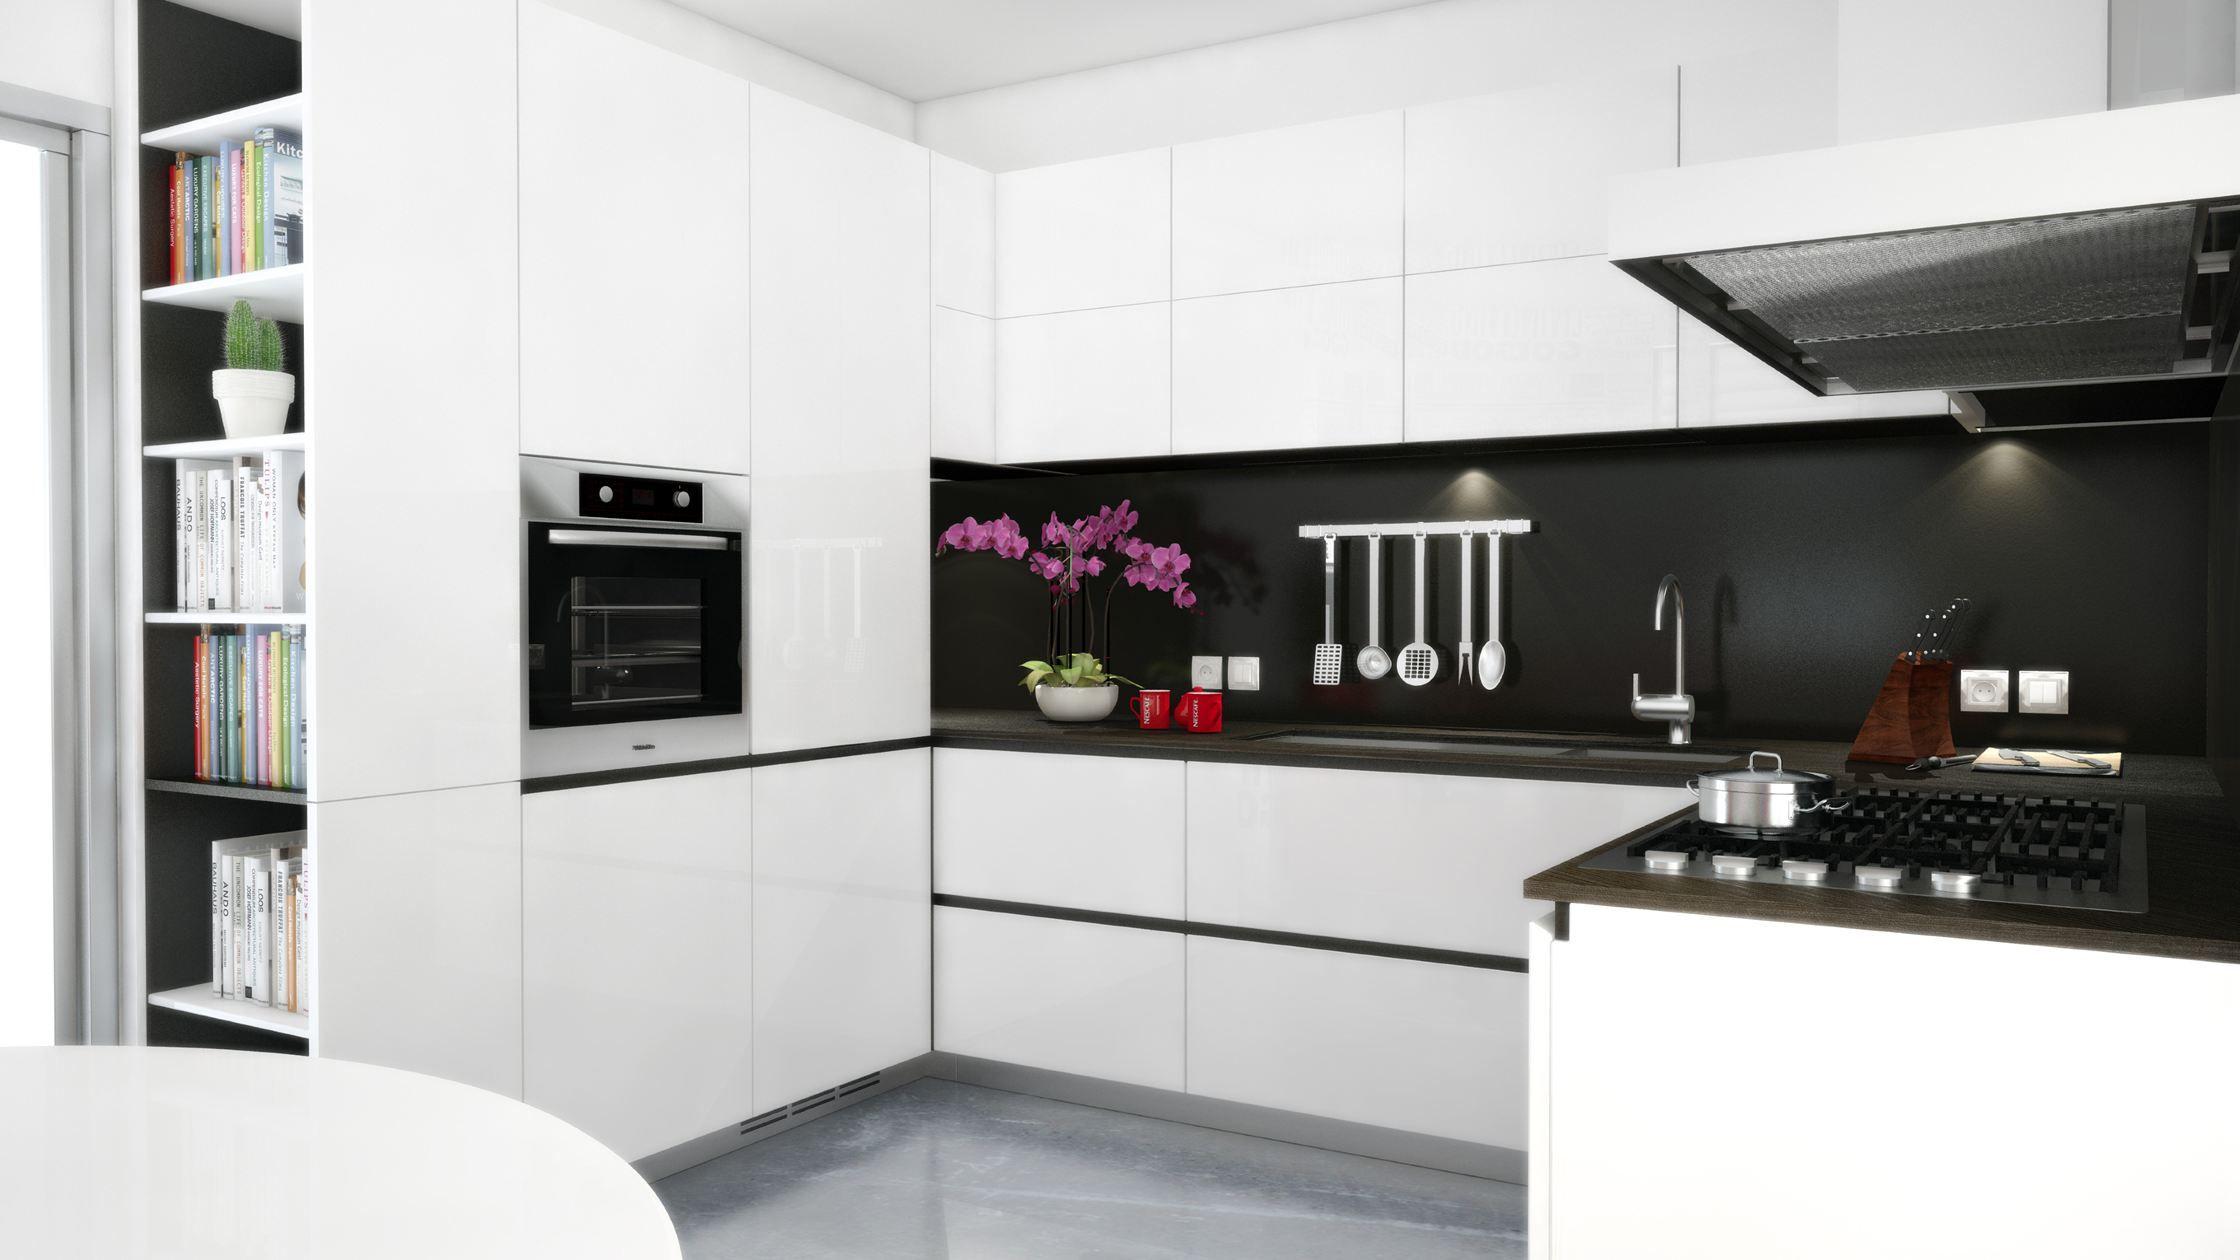 Appartamento Privato Picture gallery (con immagini